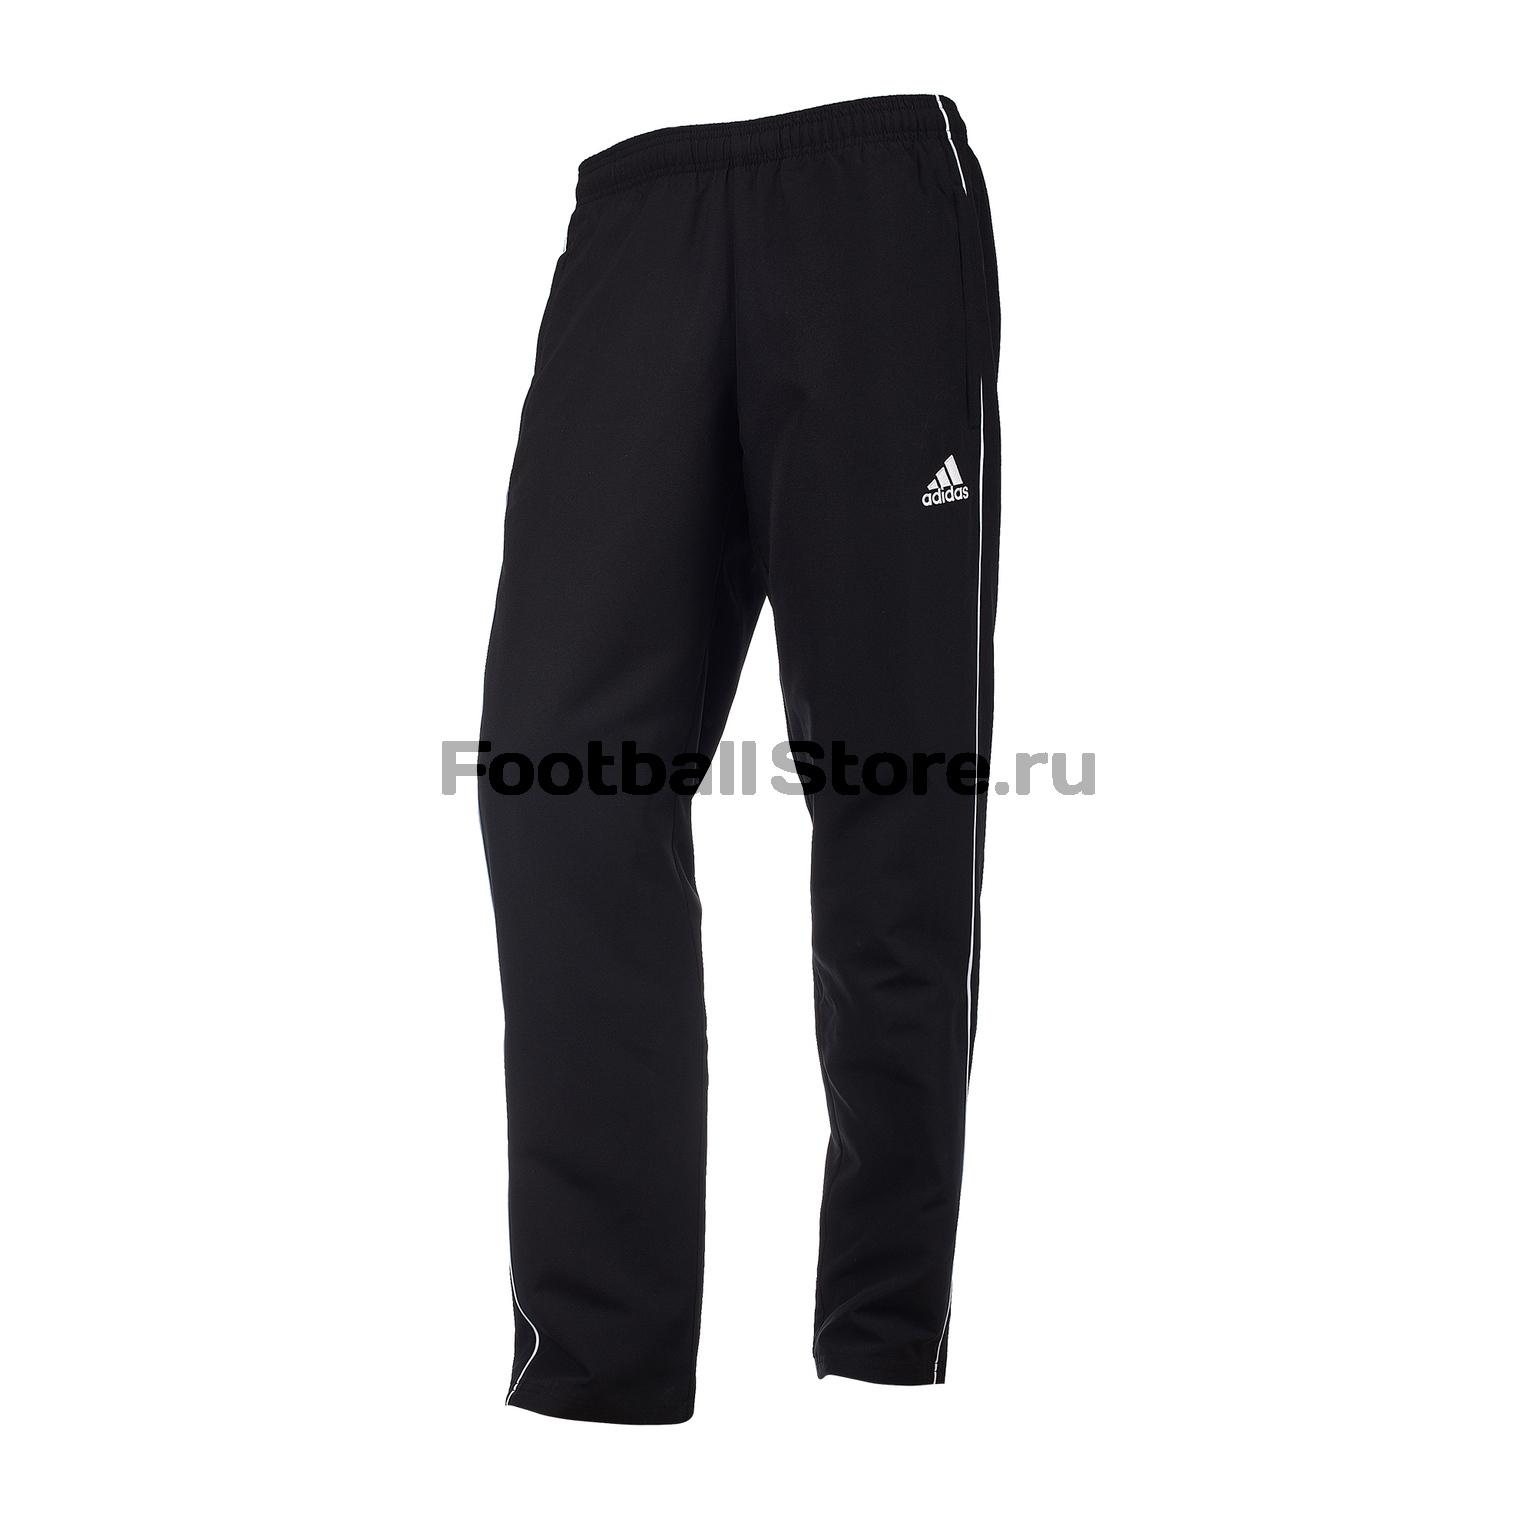 Брюки тренировочные Adidas Core18 Pre Pnt CE9045 брюки adidas брюки тренировочные adidas tiro17 rn pnt ay2896